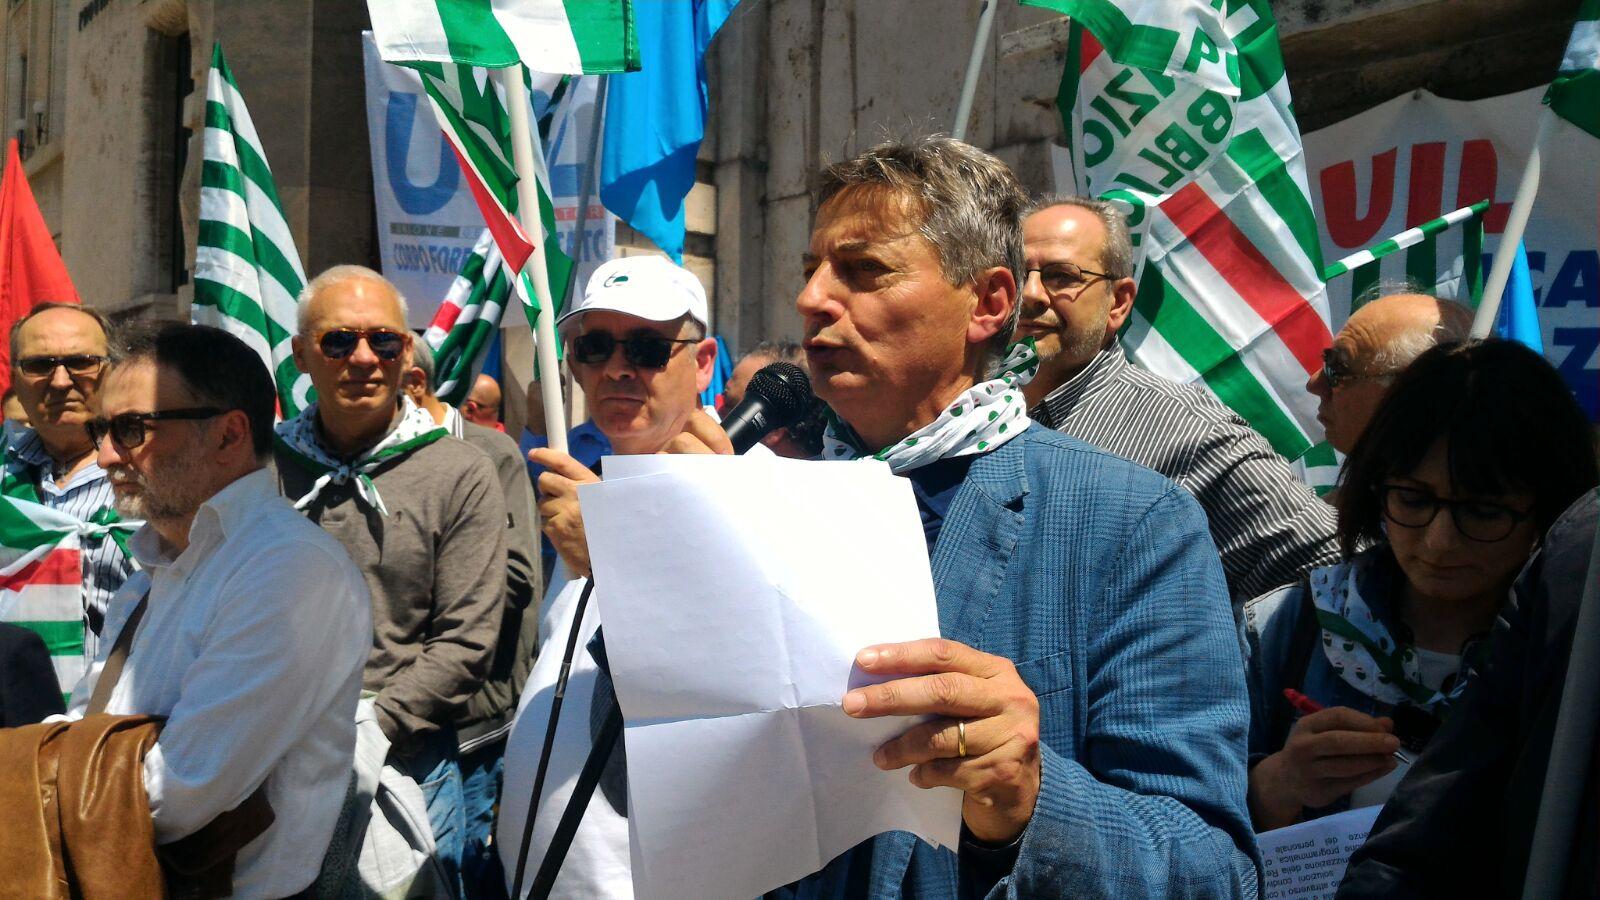 Regione Abruzzo:La misura è colma!!